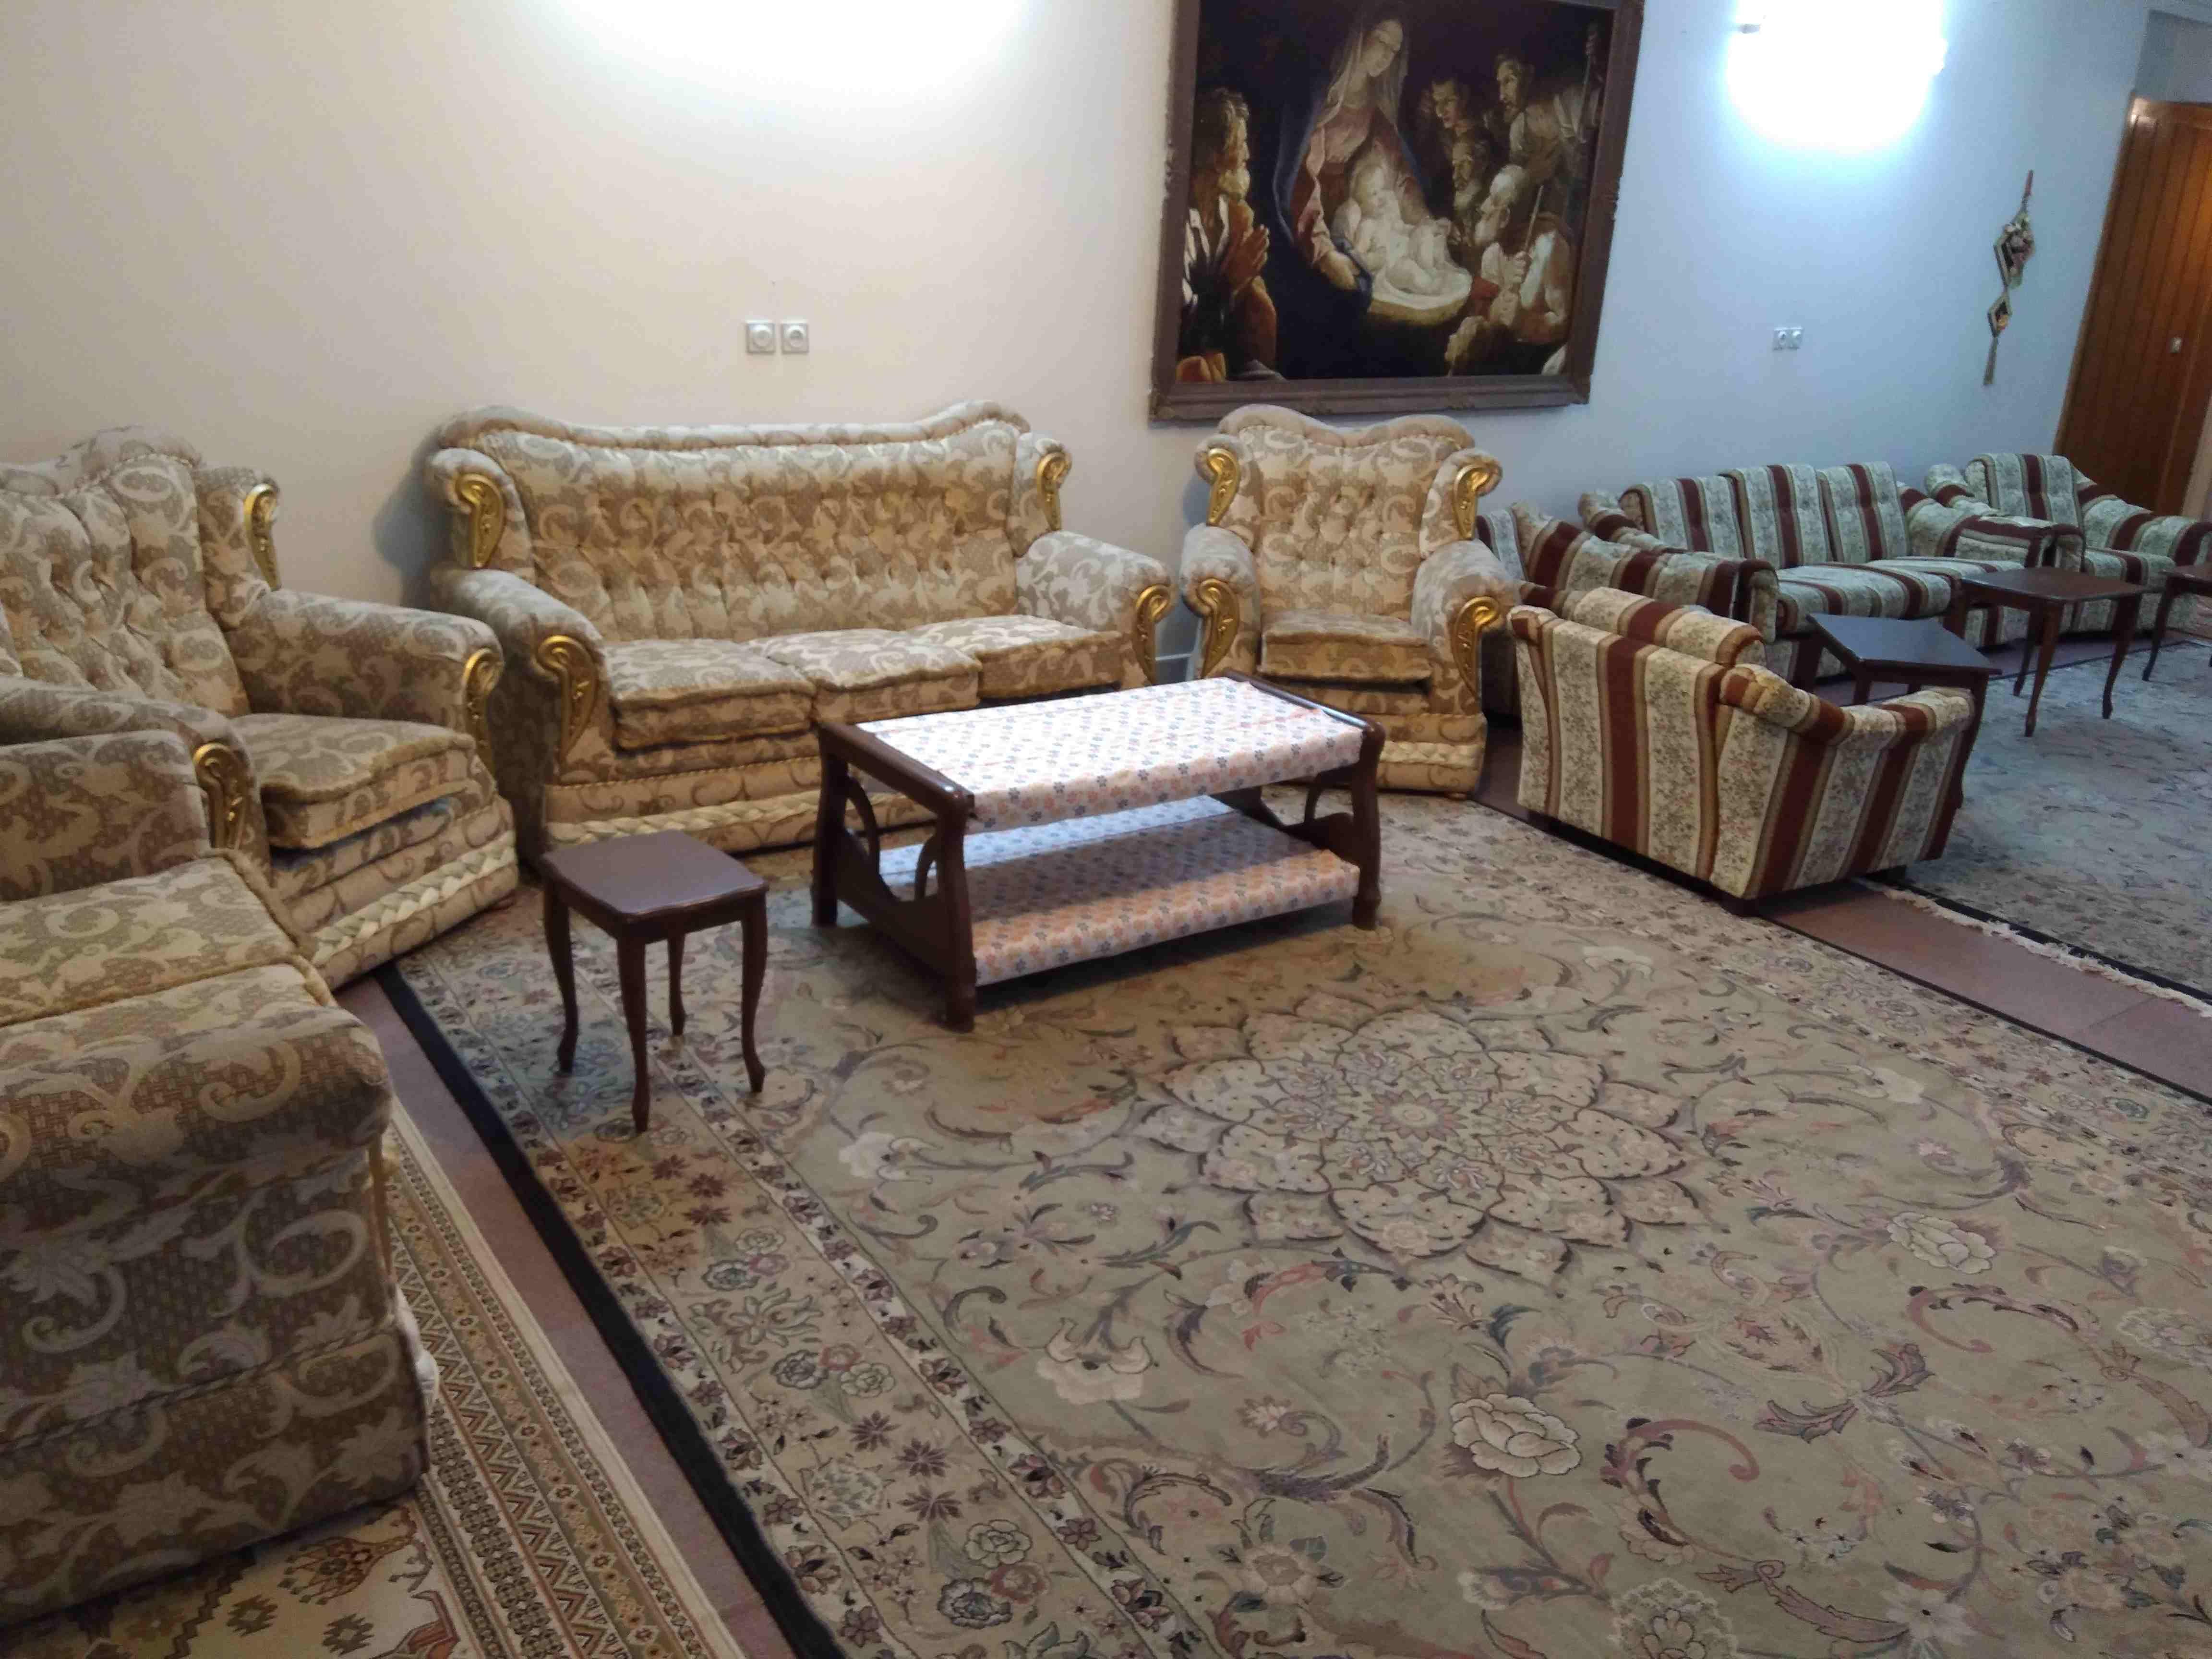 درون شهری خانه مبله لوکس در نشاط اصفهان